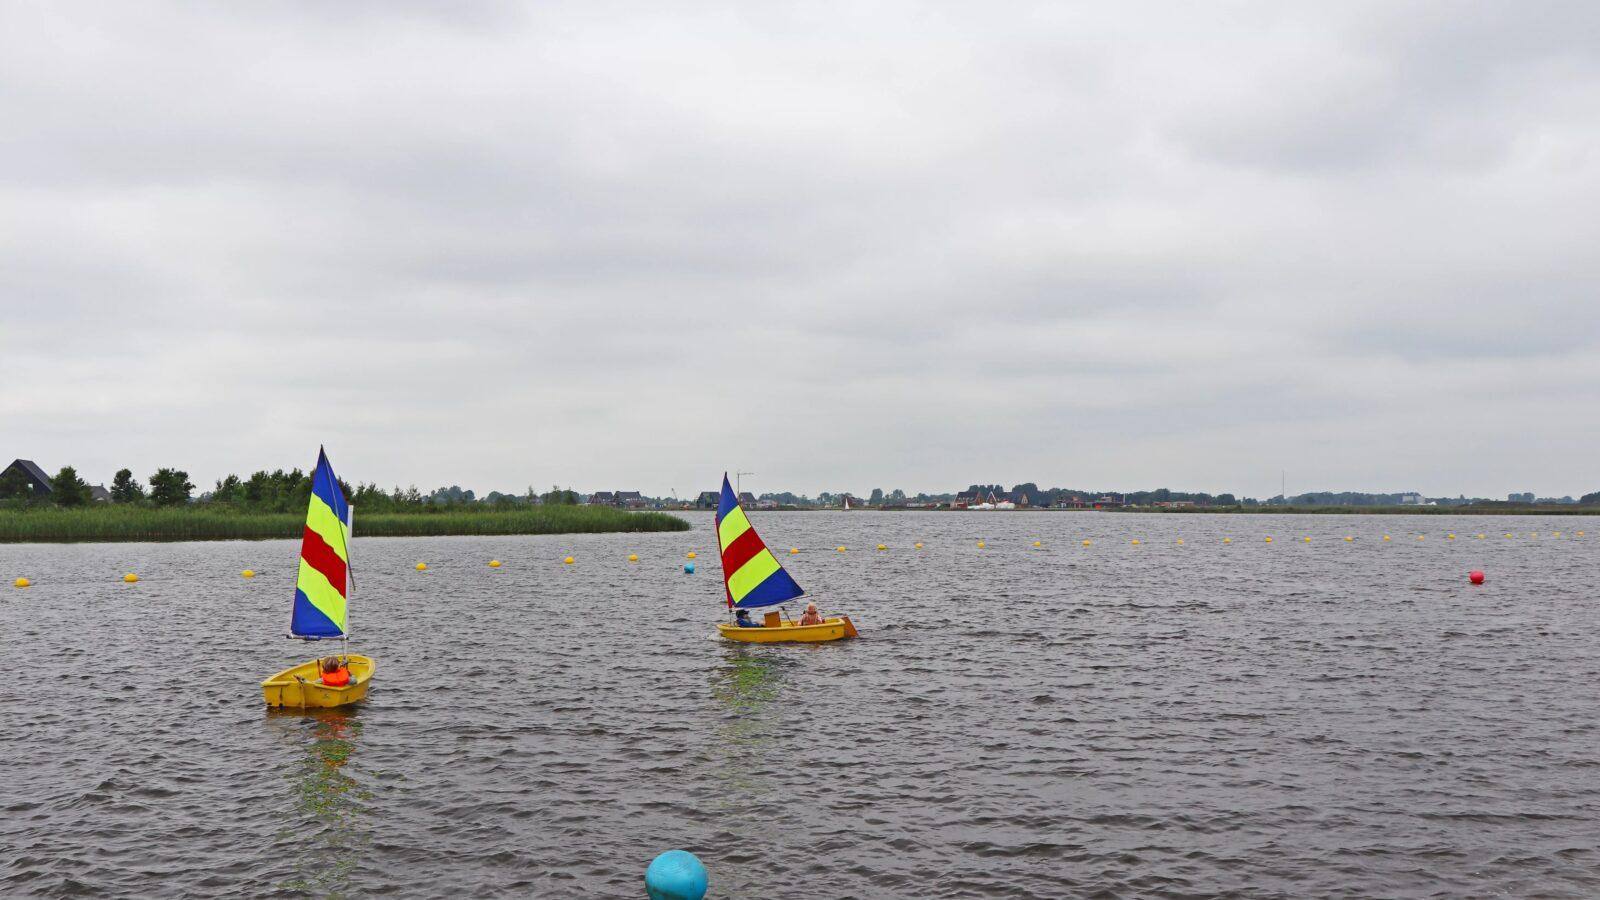 Optimistcursus en privé zeillessen op het Woldmeer